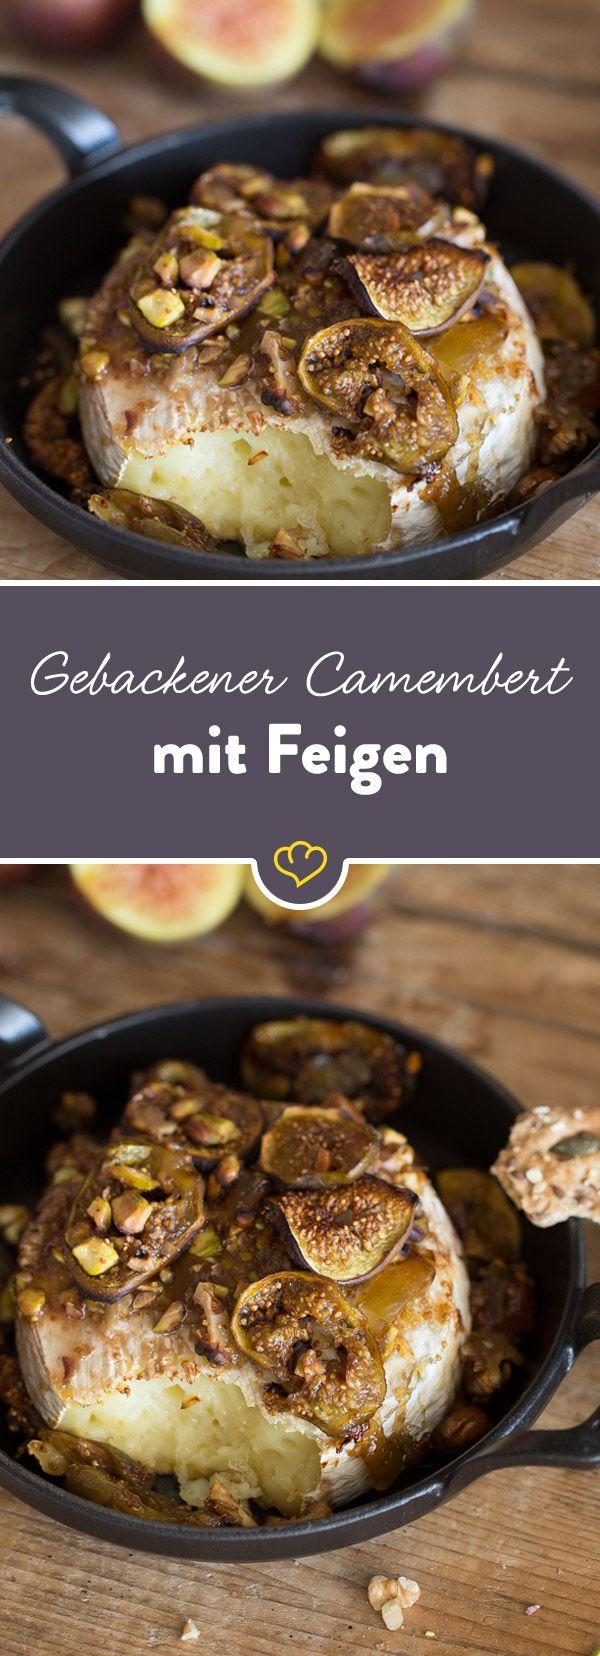 Ein leckeres Abendessen braucht nicht viele Zutaten. Camembert, zweierlei Nüsse, Marmelade und Feigen - sie verschmelzen im Ofen zu etwas Wunderbarem.